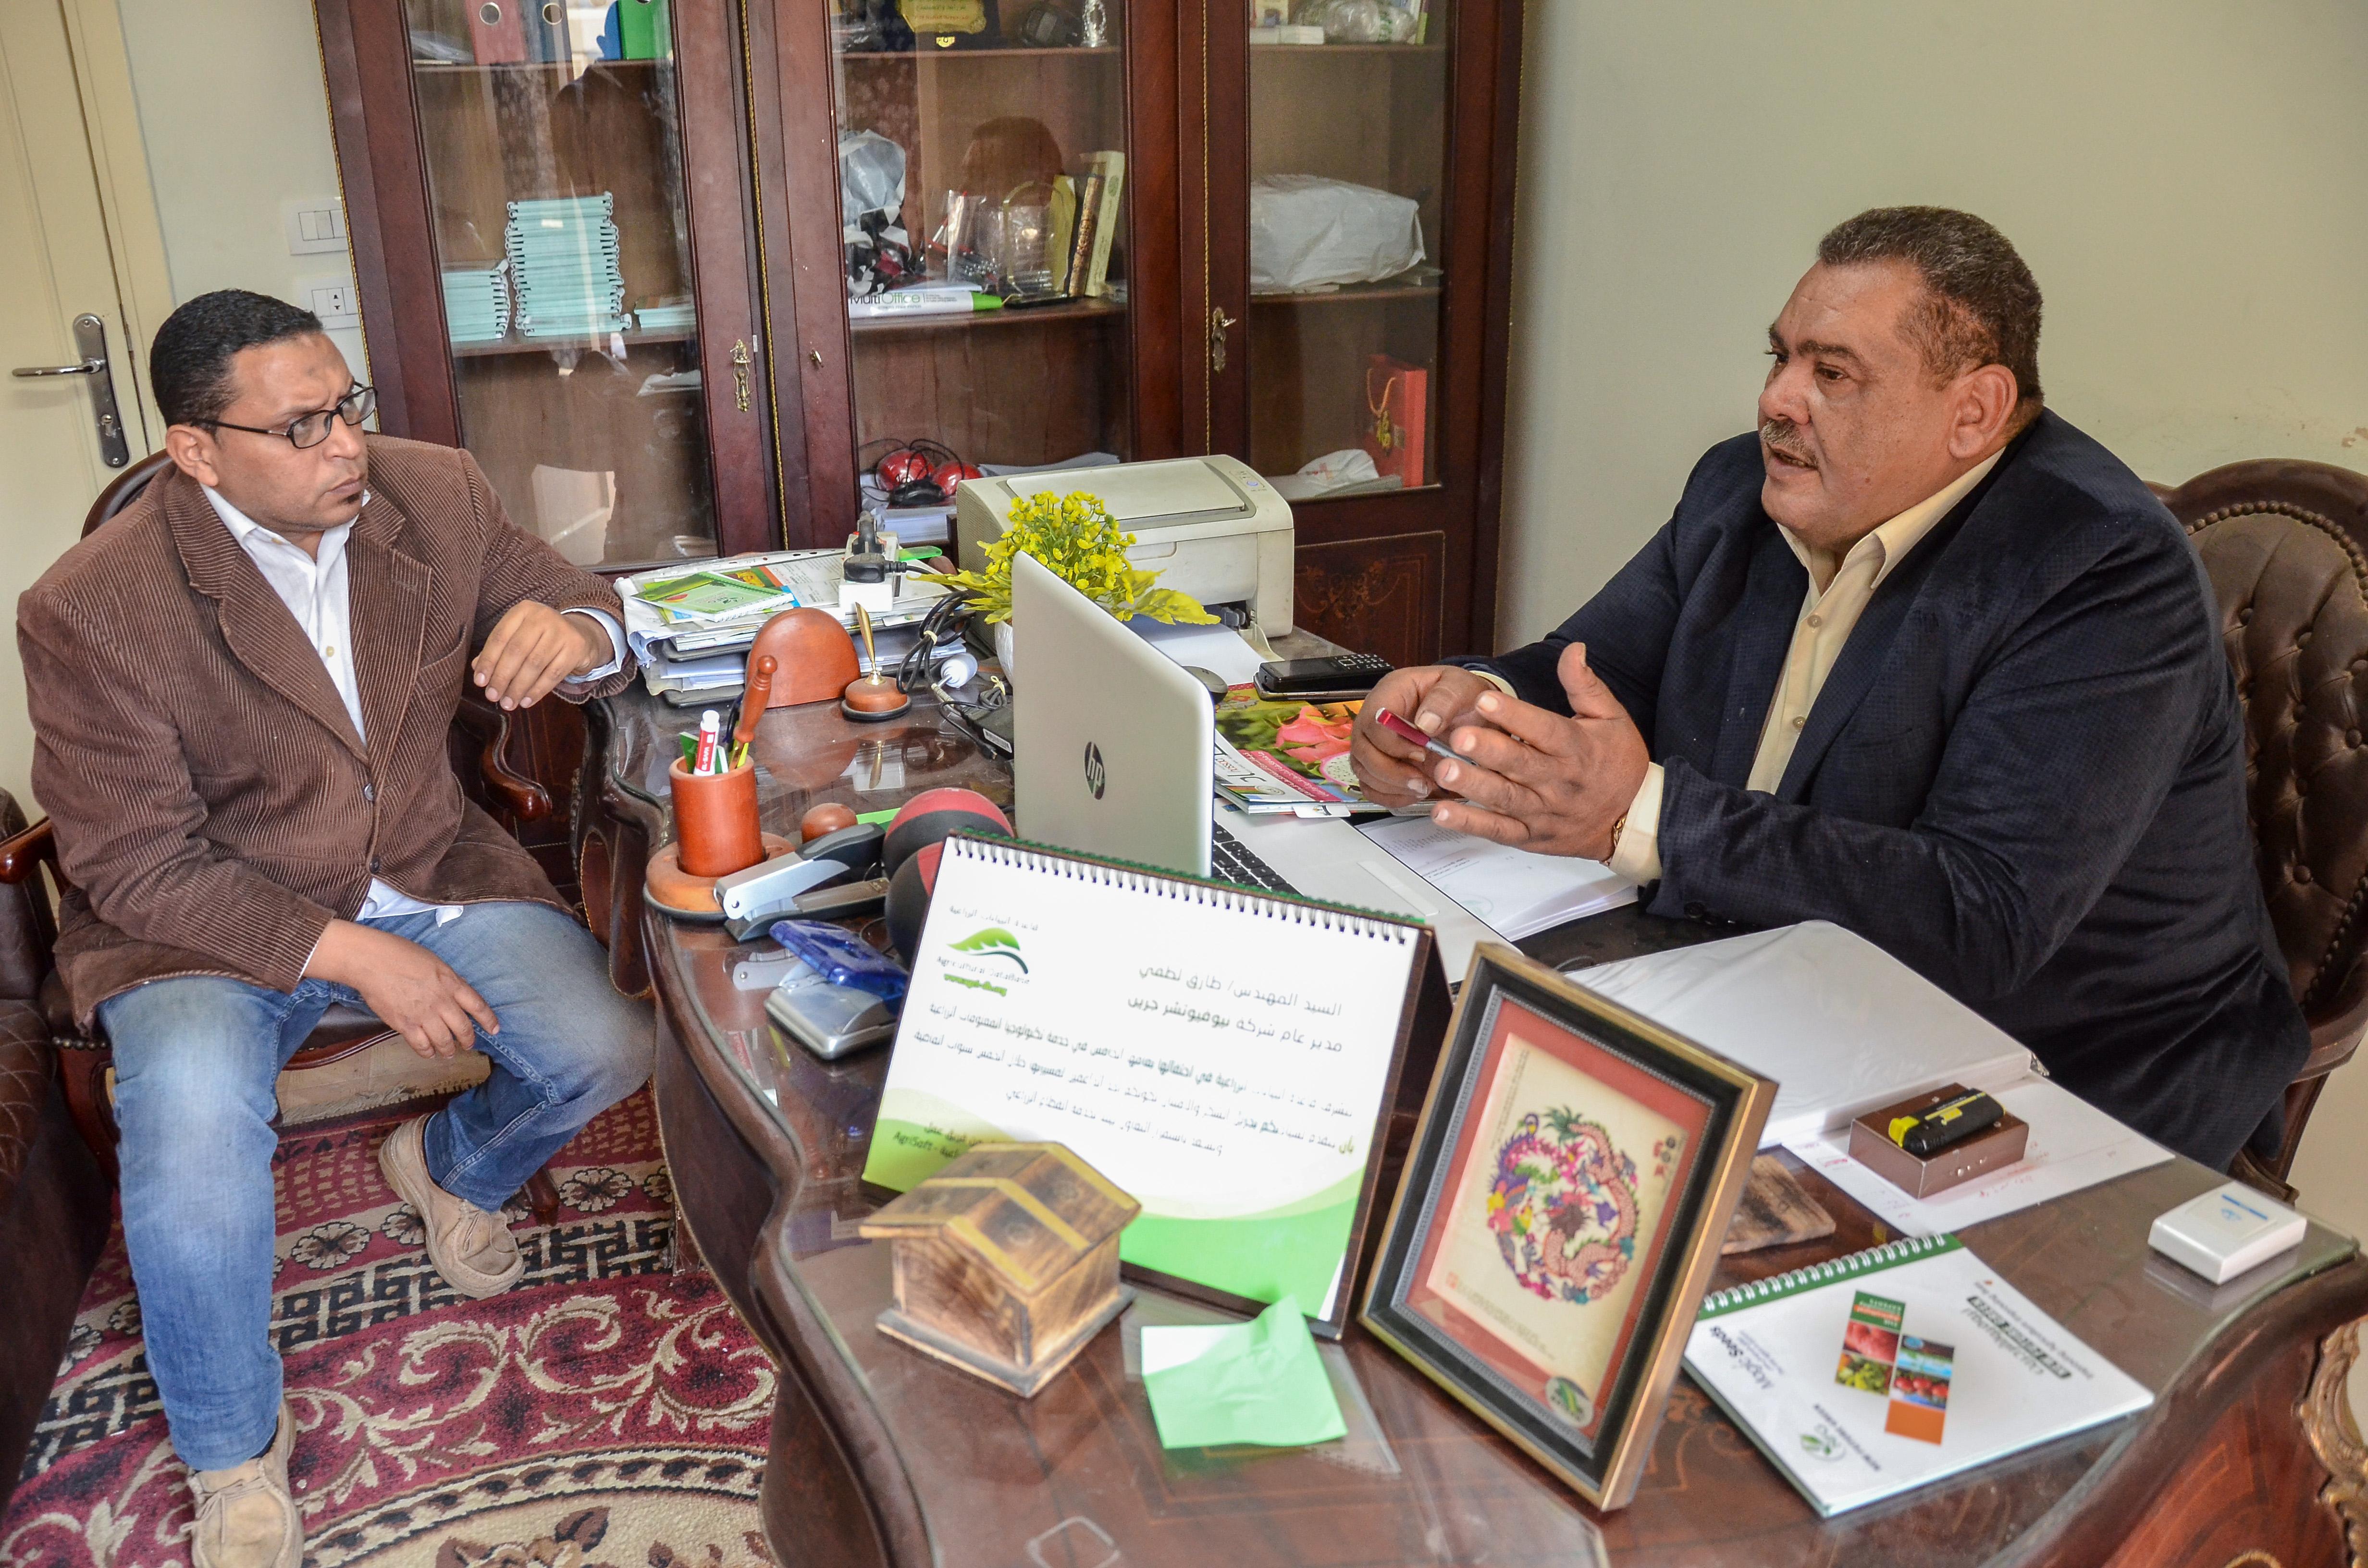 صورة مدير عام  نيوفيوتشر جرين : نهدف لخدمة صغار المزارعين وتوفير منتج مصري بسعر مناسب